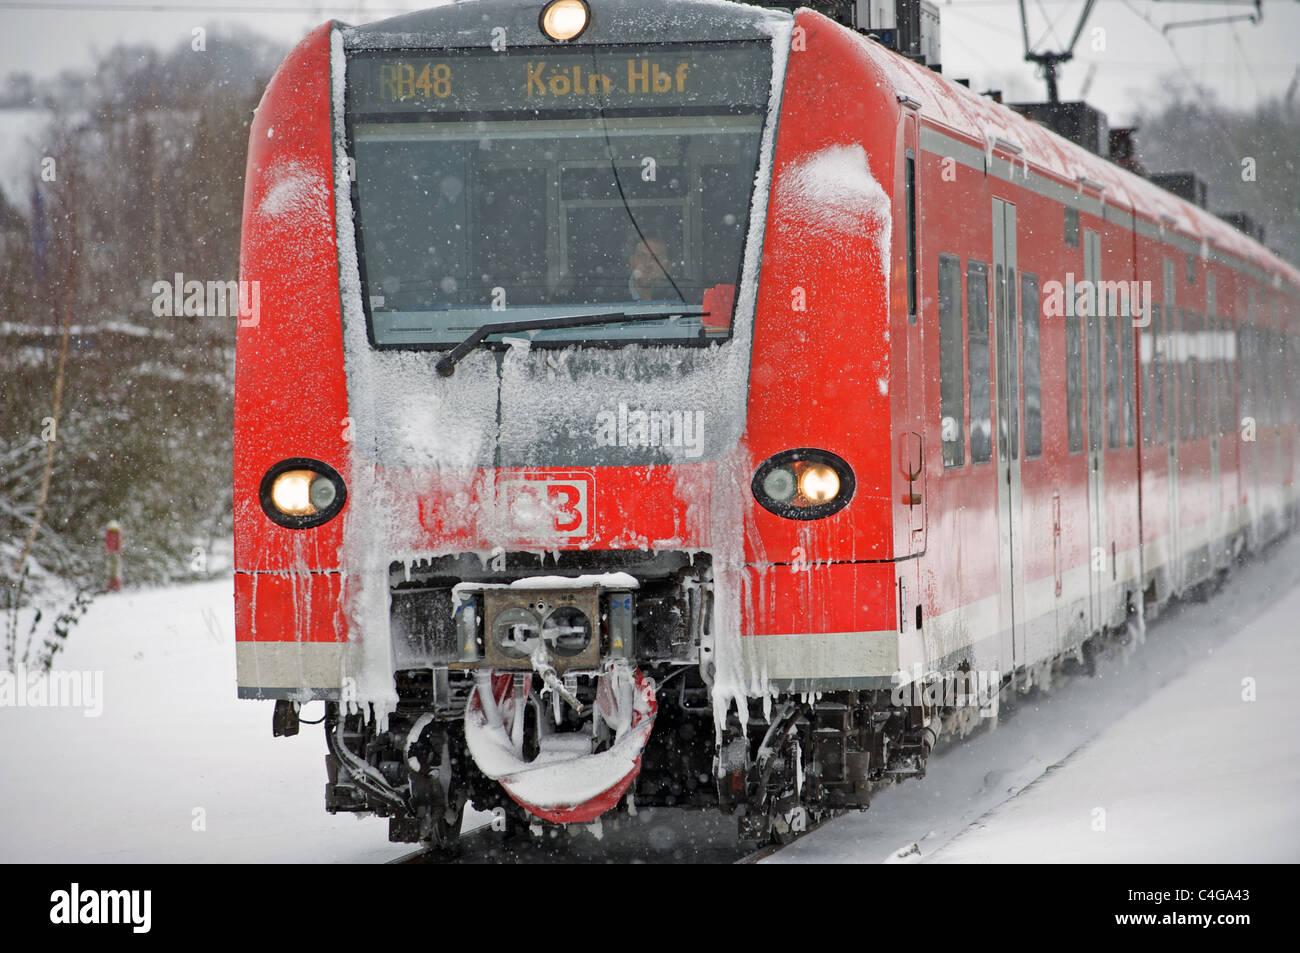 Regionale Zugverbindung 48 (RB48) aus Wuppertal, Köln, Leichlingen, Nordrhein-Westfalen, Deutschland. Stockbild